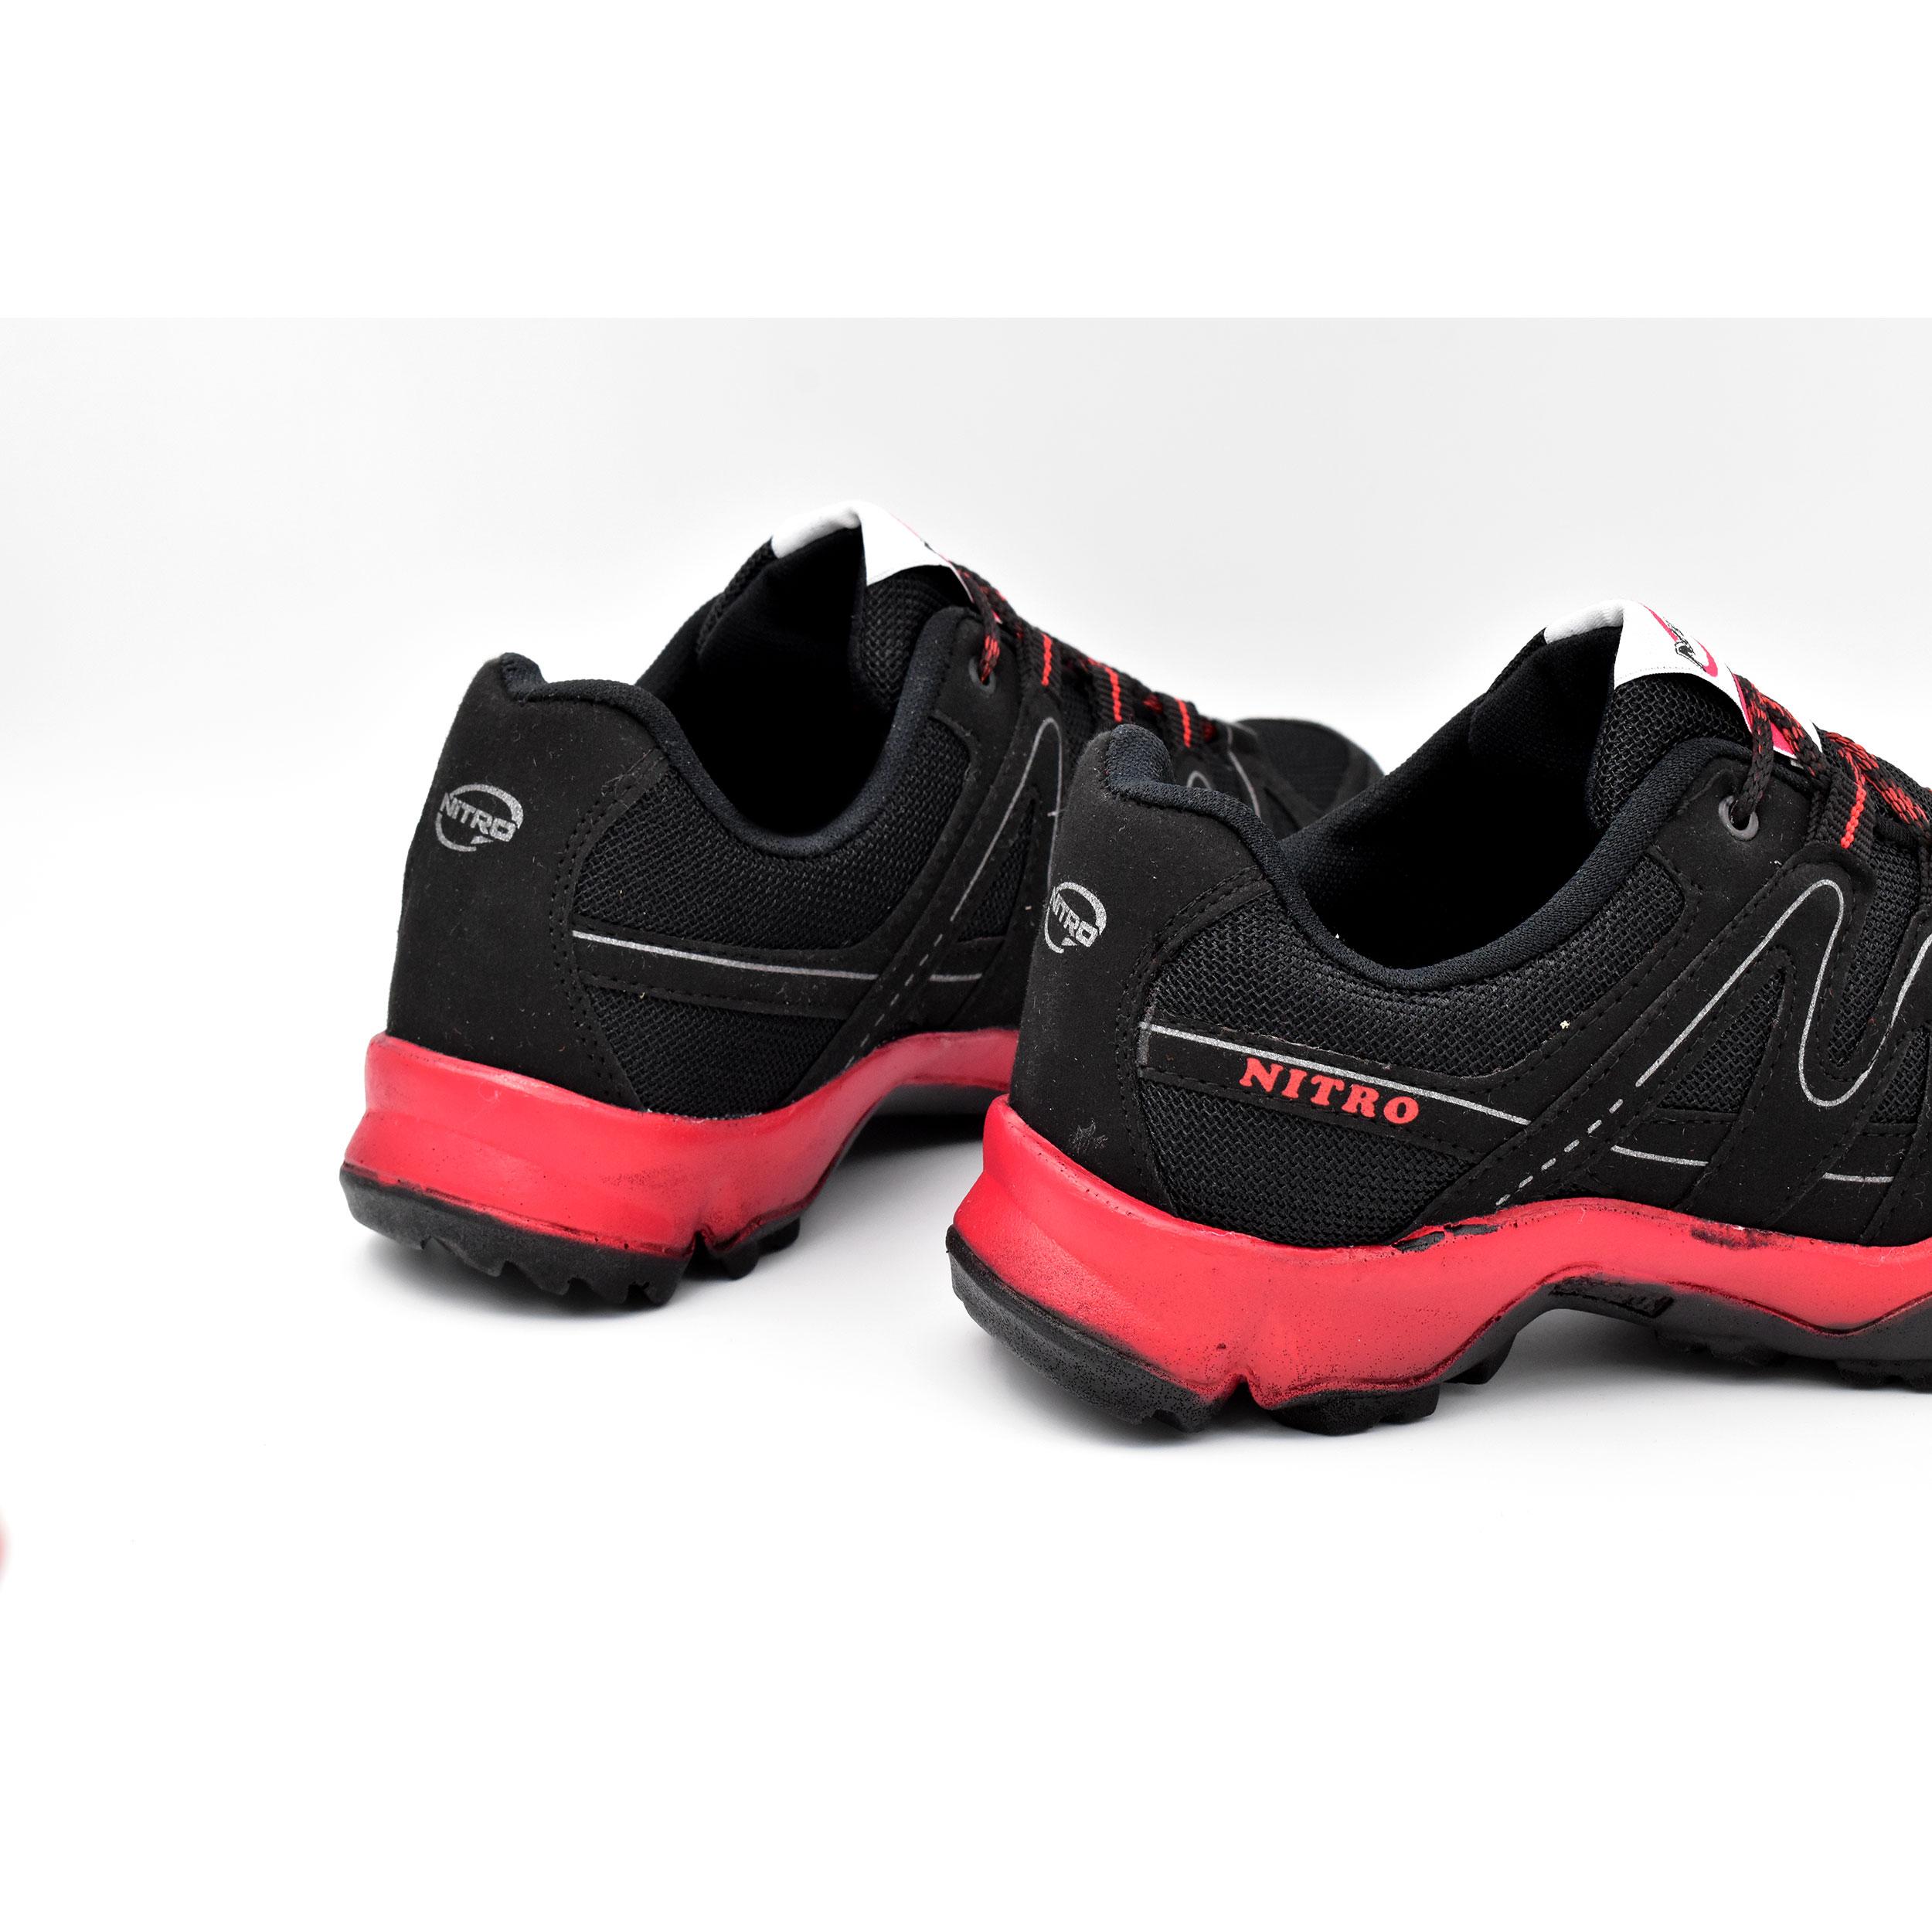 خرید                                     کفش طبیعت گردی مردانه نیترو مدل SLM کد 8576